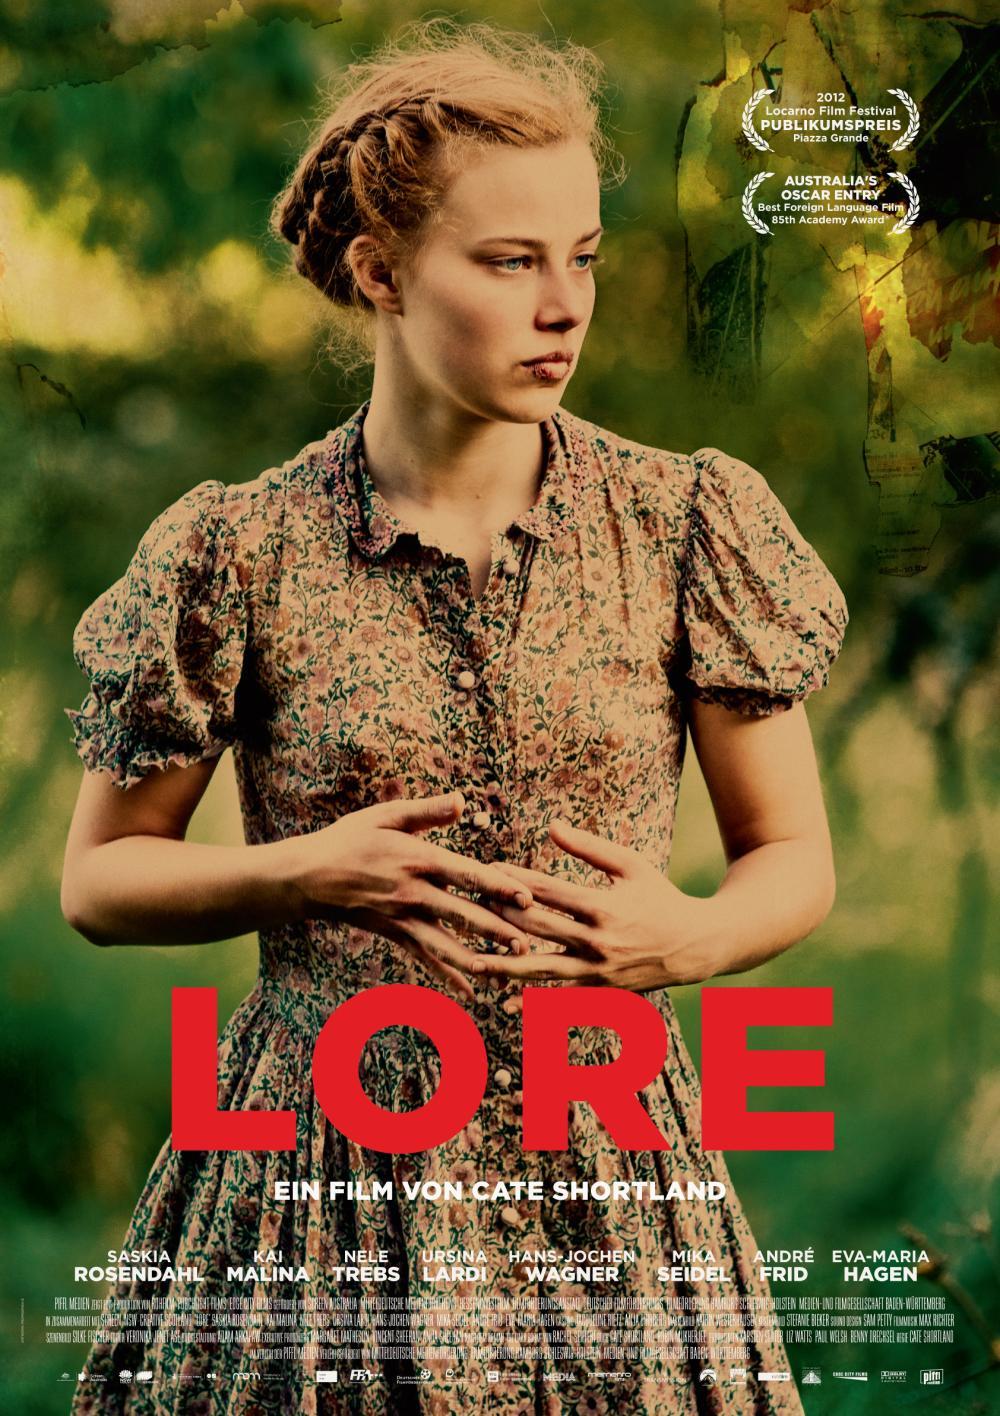 [好雷] 純真消逝的年代 Lore (2012 澳洲&德國)